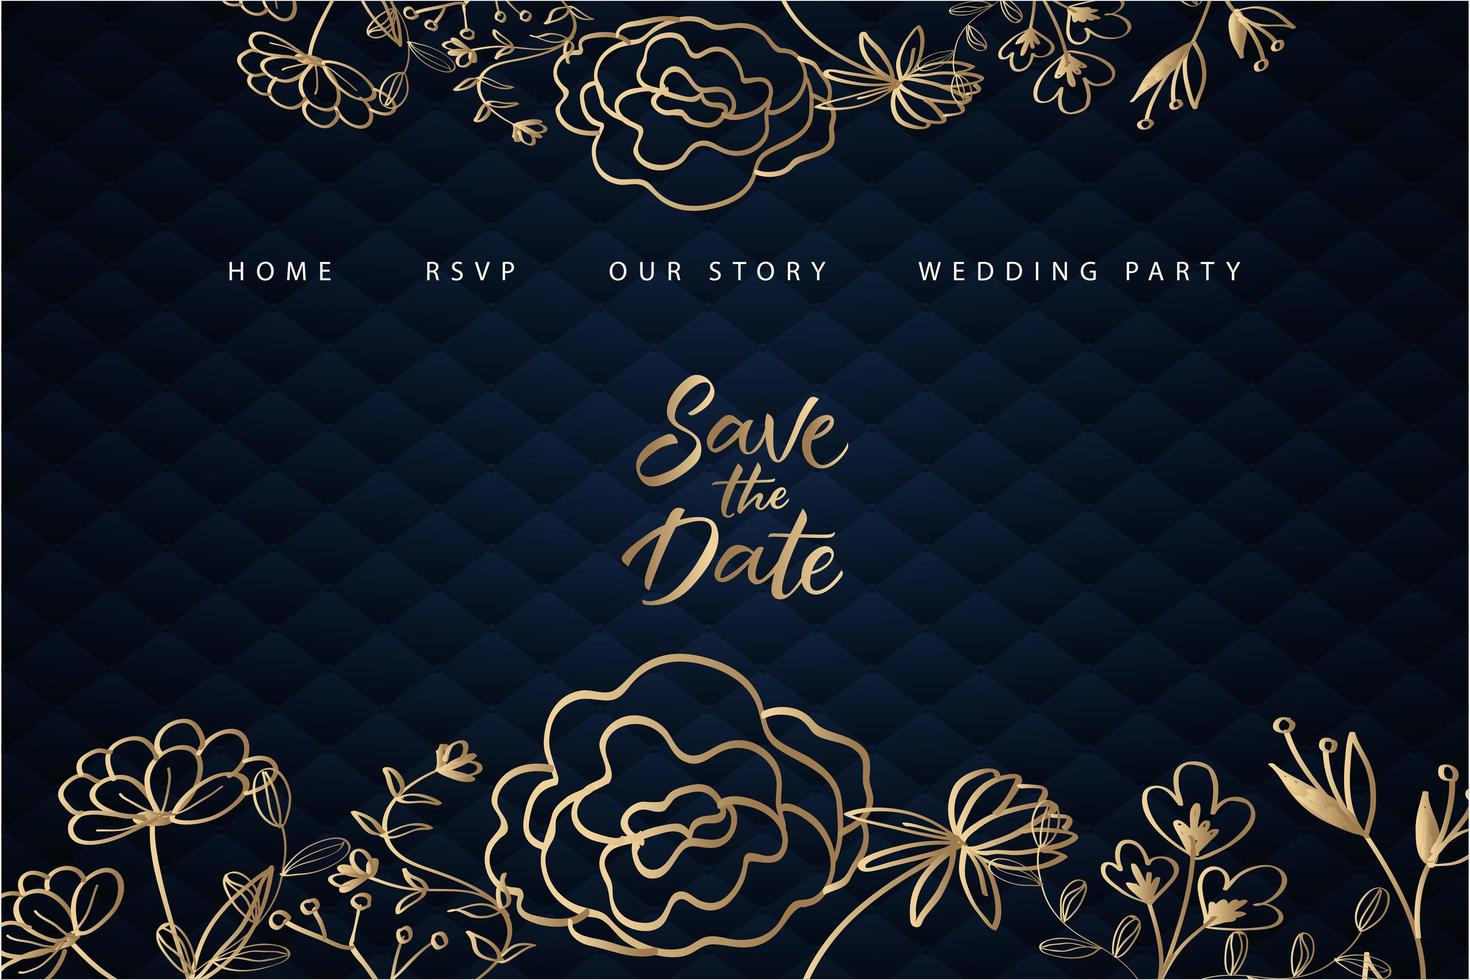 page de destination de mariage floral doré avec rembourrage bleu vecteur